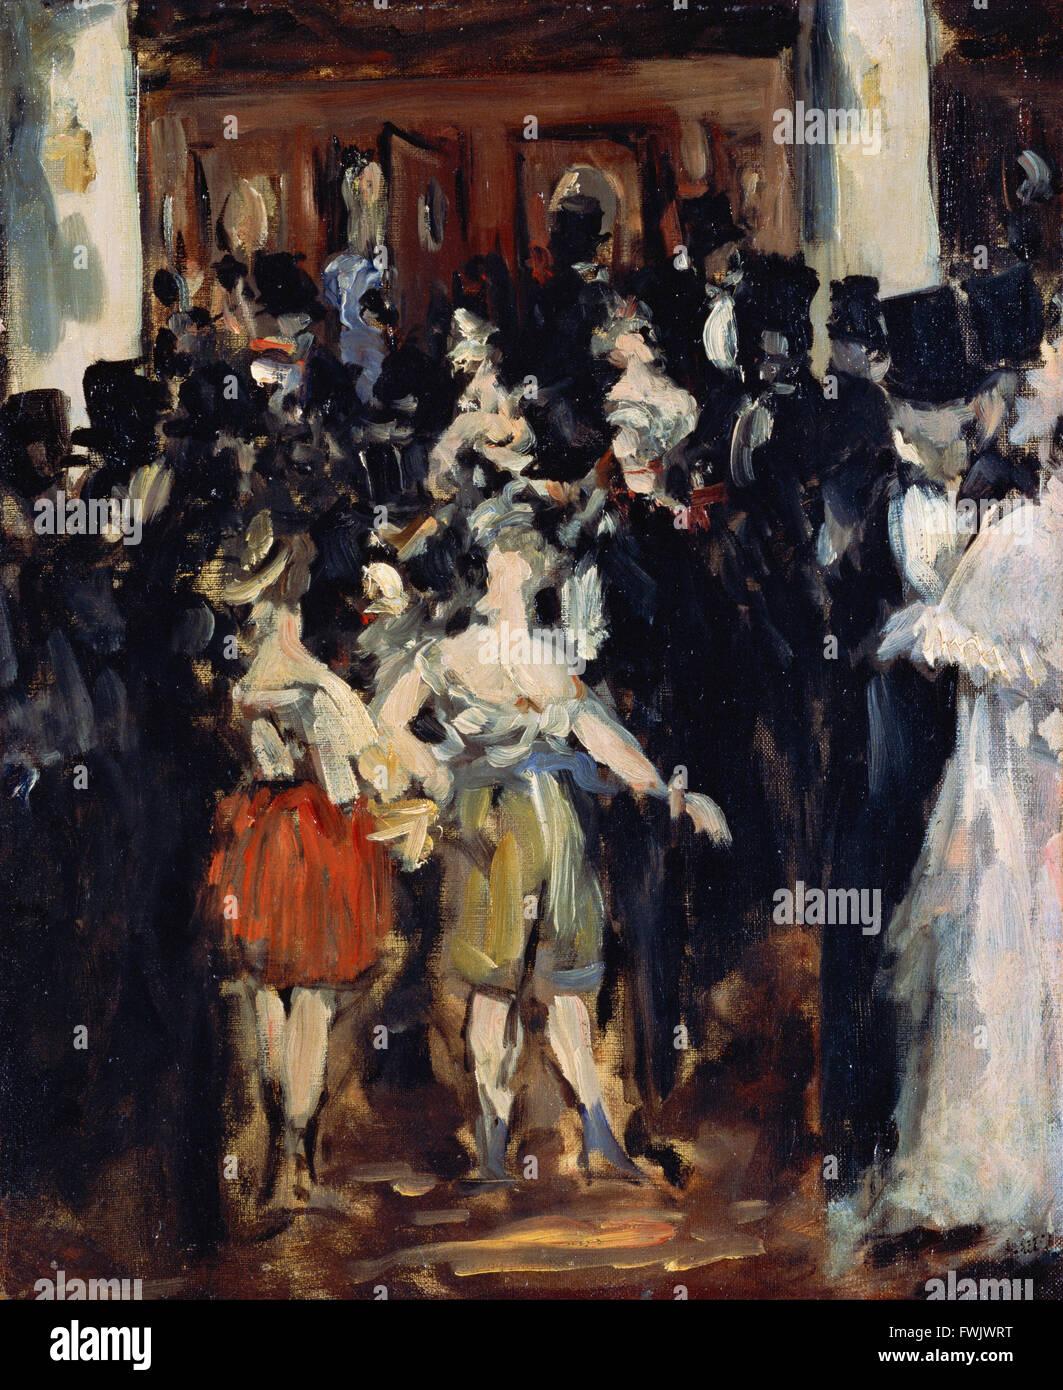 Edouard Manet - Masked Ball at the Opera - Bridgestone Museum of Art, Ishibashi Foundation - Stock Image